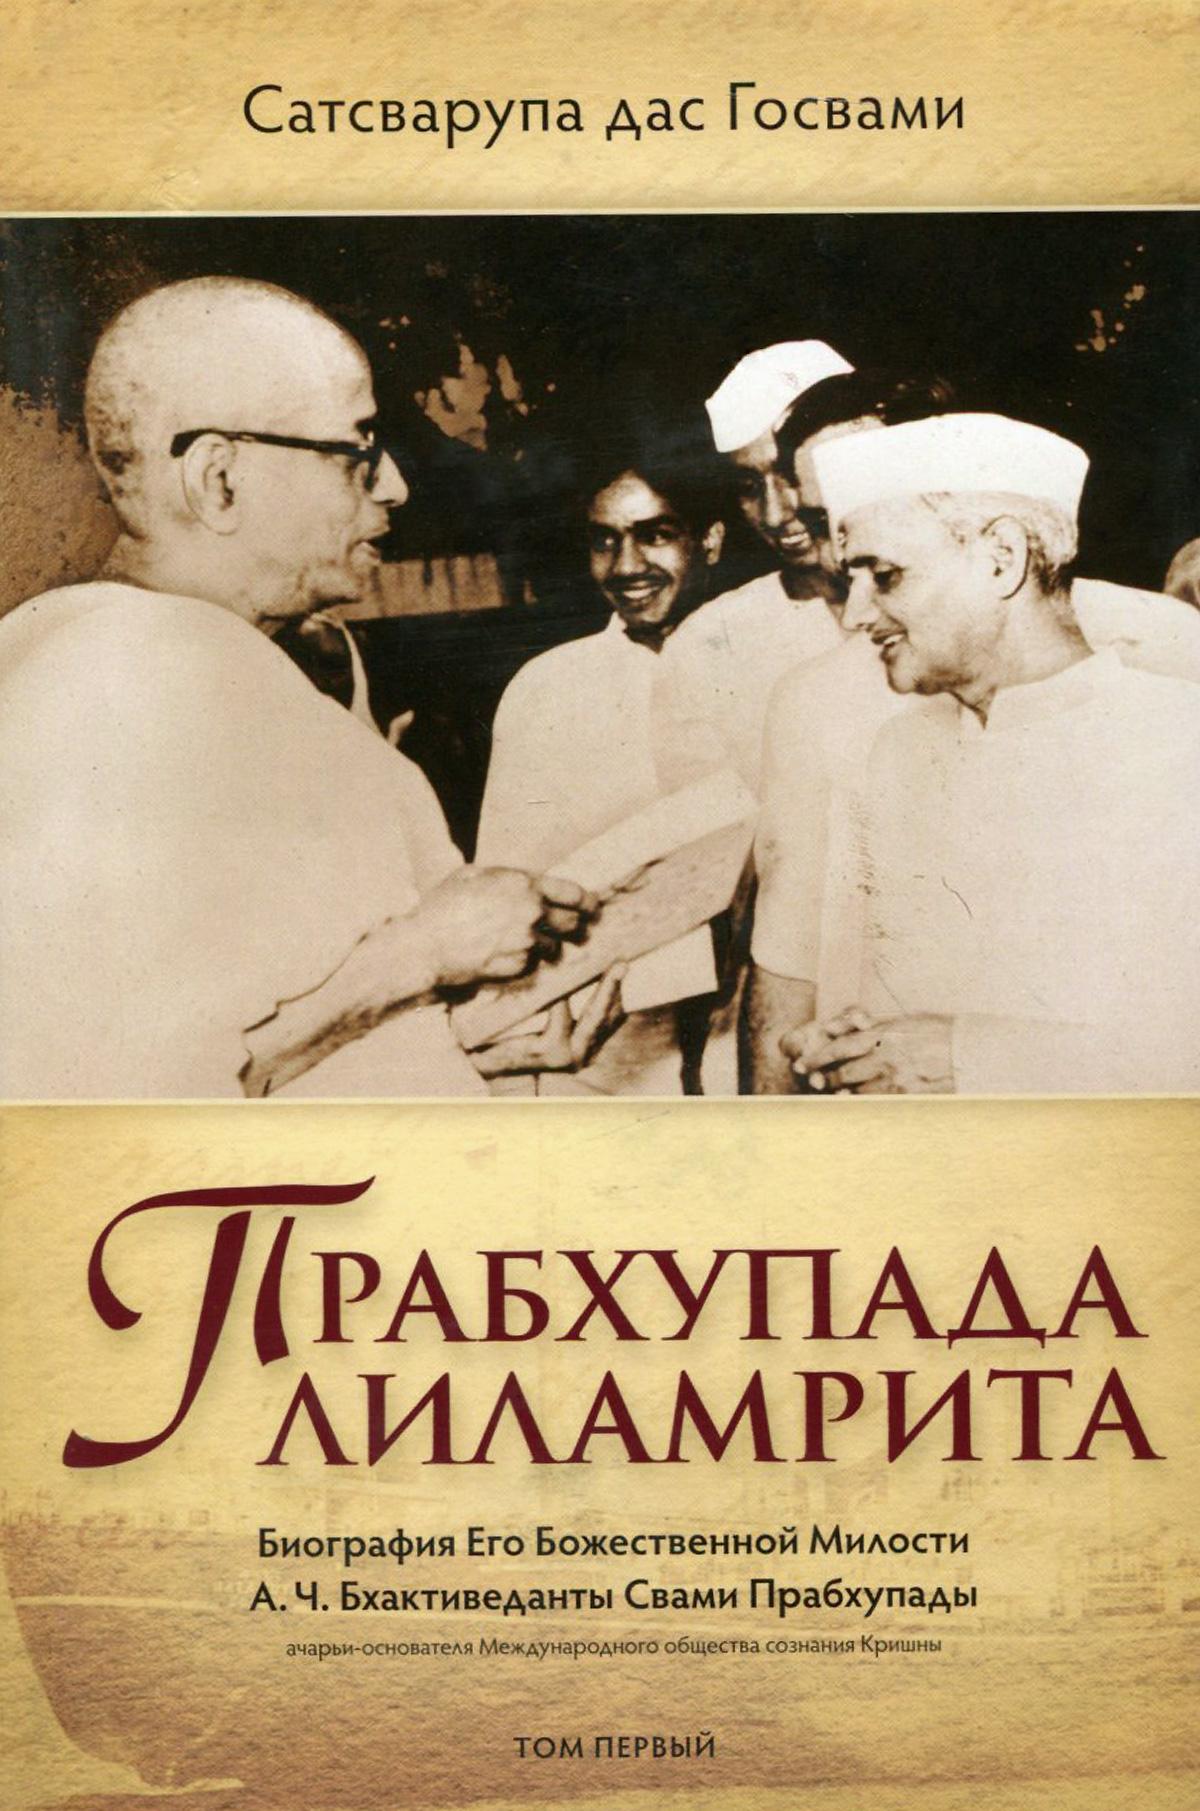 Прабхупада-лиламрита. В 4 томах. Том 1, Сатсваруна дас Госвами